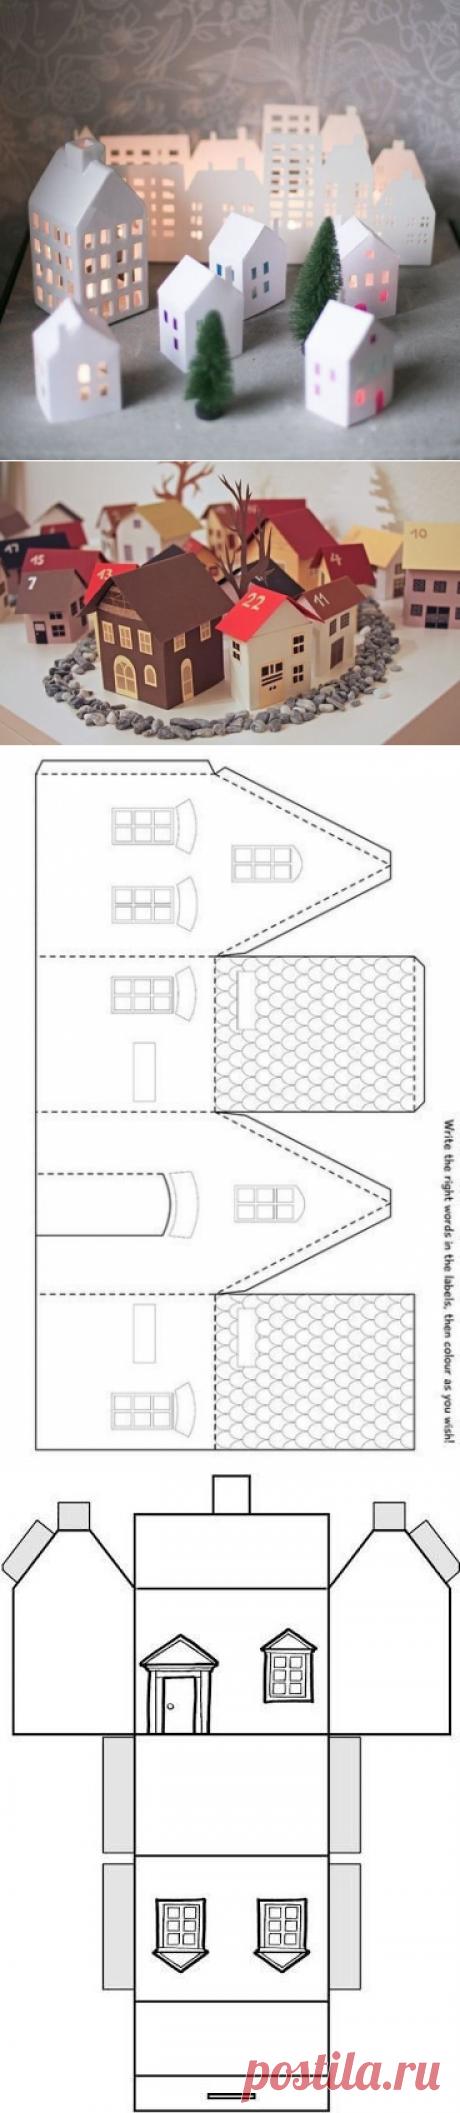 Бумажные домики для Новогоднего декора. Шаблоны.